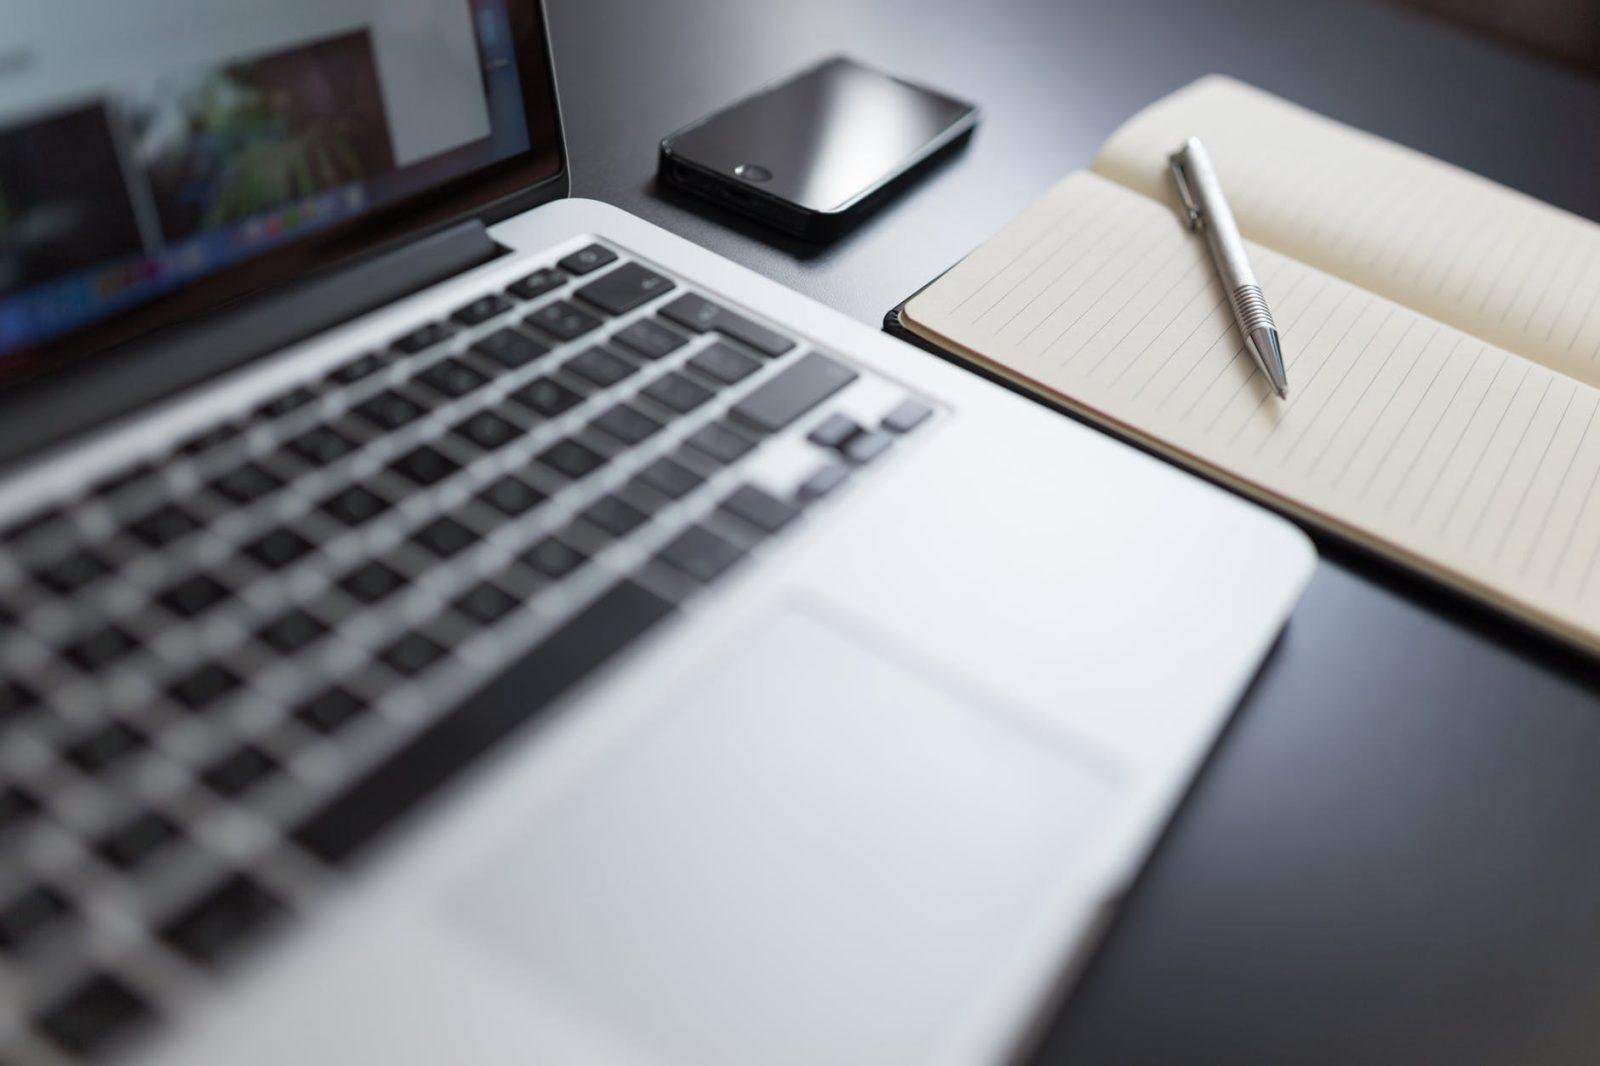 5 רעיונות לאתרי אינטרנט שתוכלו להרוויח מהם כסף